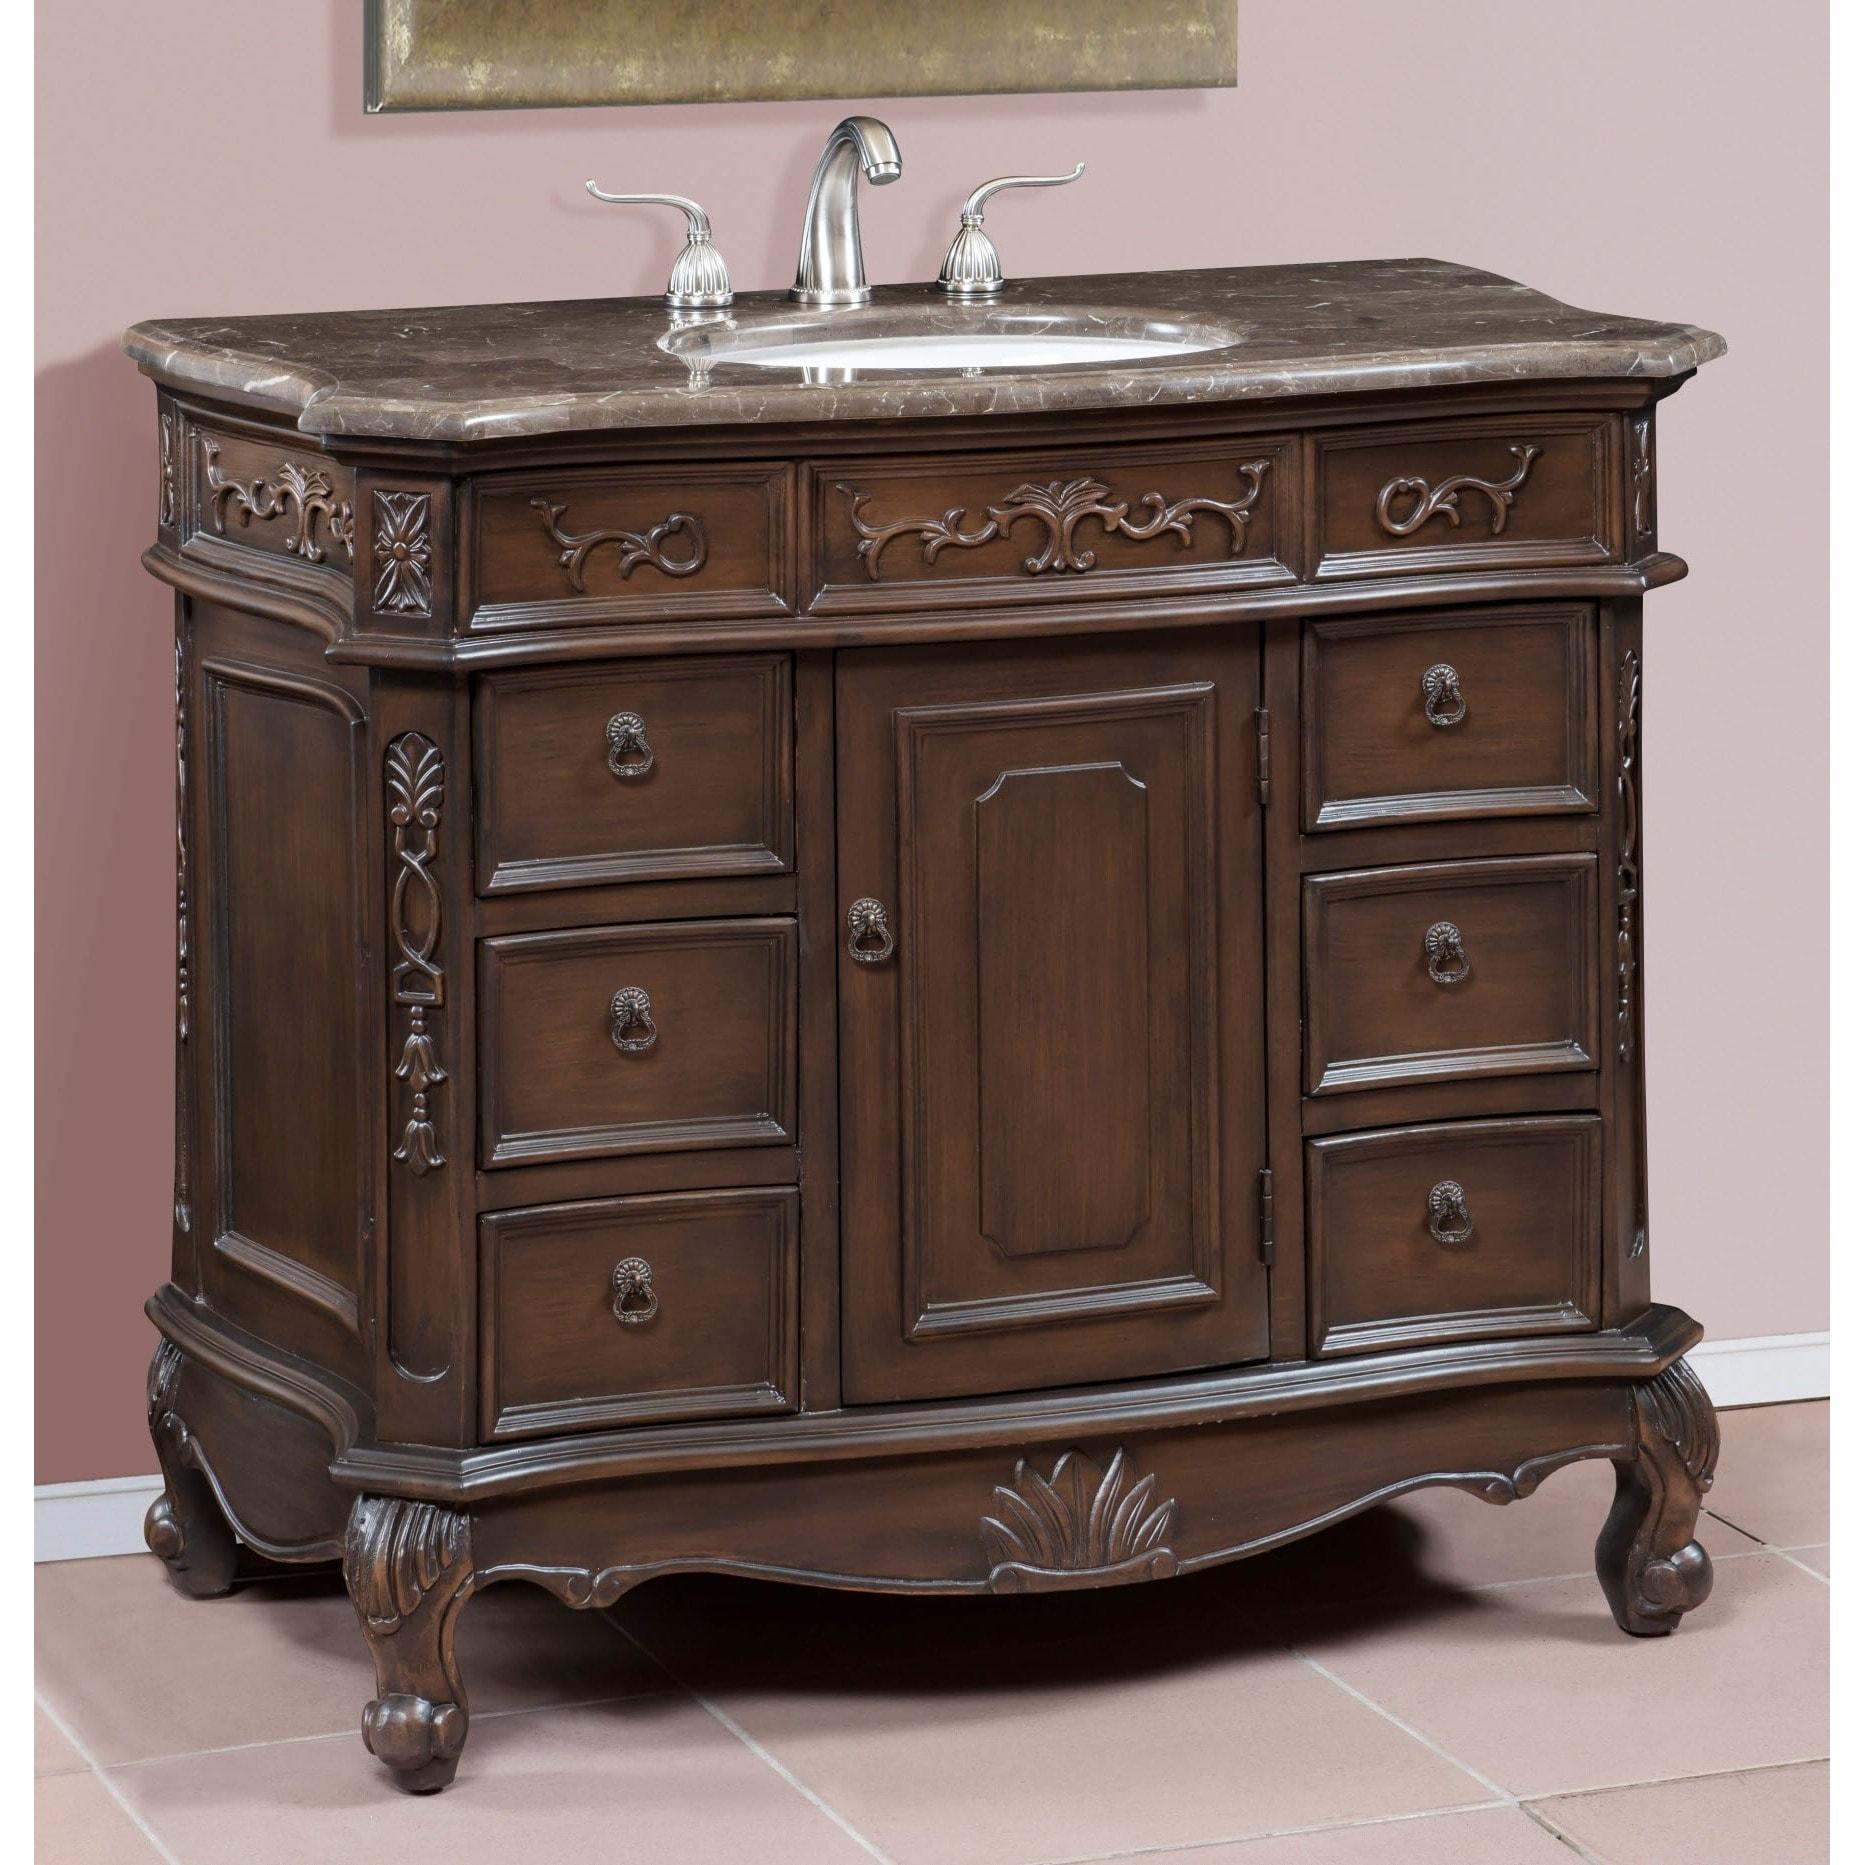 Bathroom vanities minneapolis - Madison Antique Brown Cherry Bathroom Vanity Chest E68f99ed